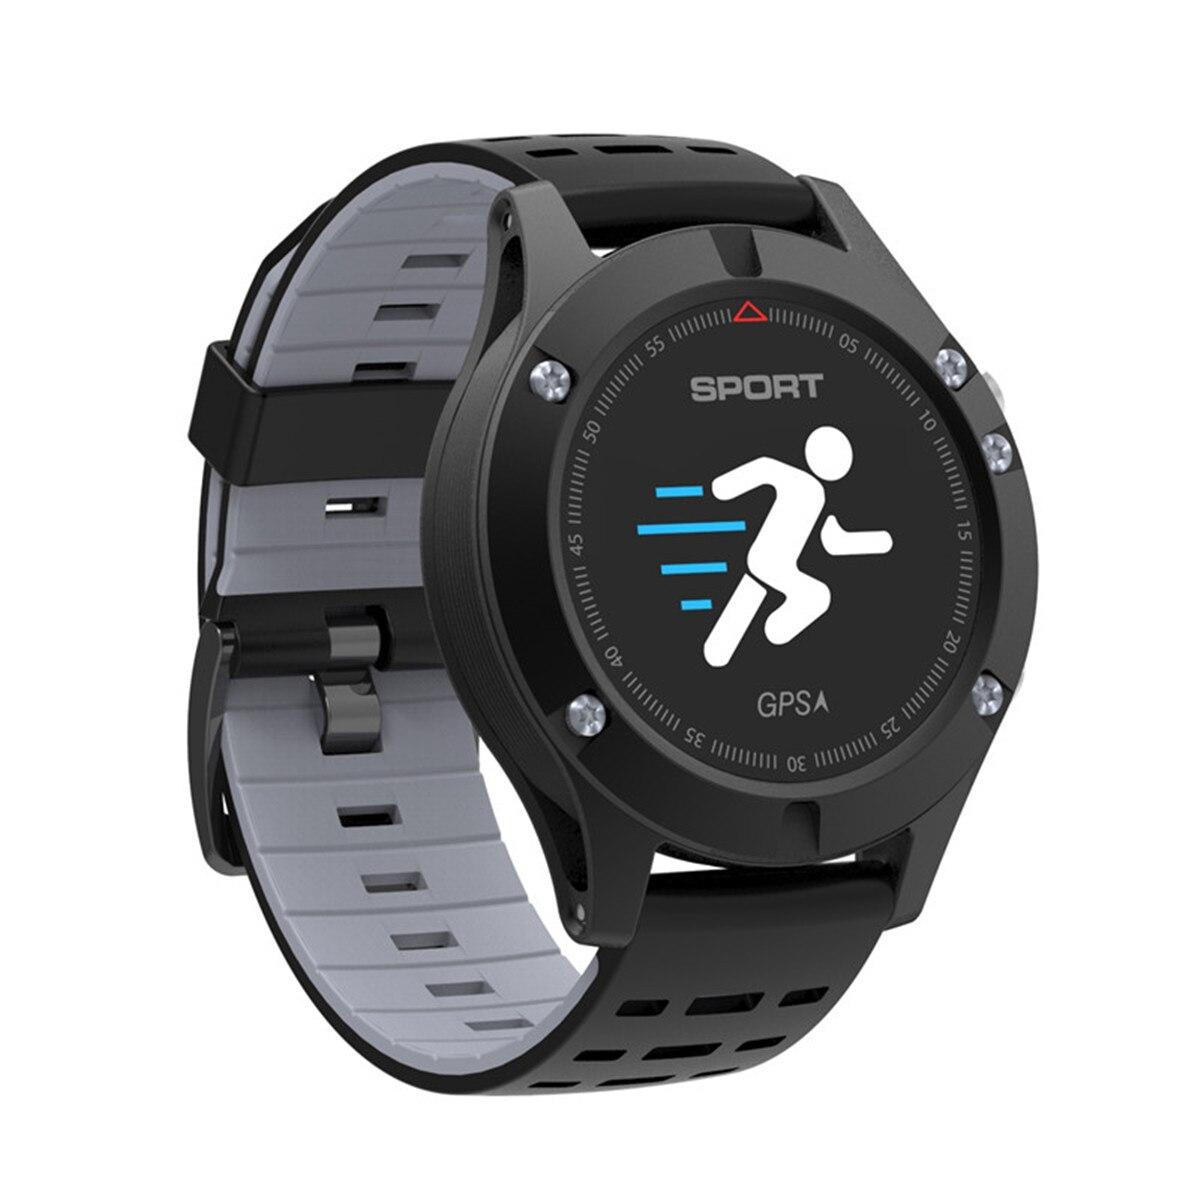 Смарт часы для мужчин NTNO.1 F5 Android smartwatch gps монитор сердечного ритма шагомер измерение температуры высота для IOS Android